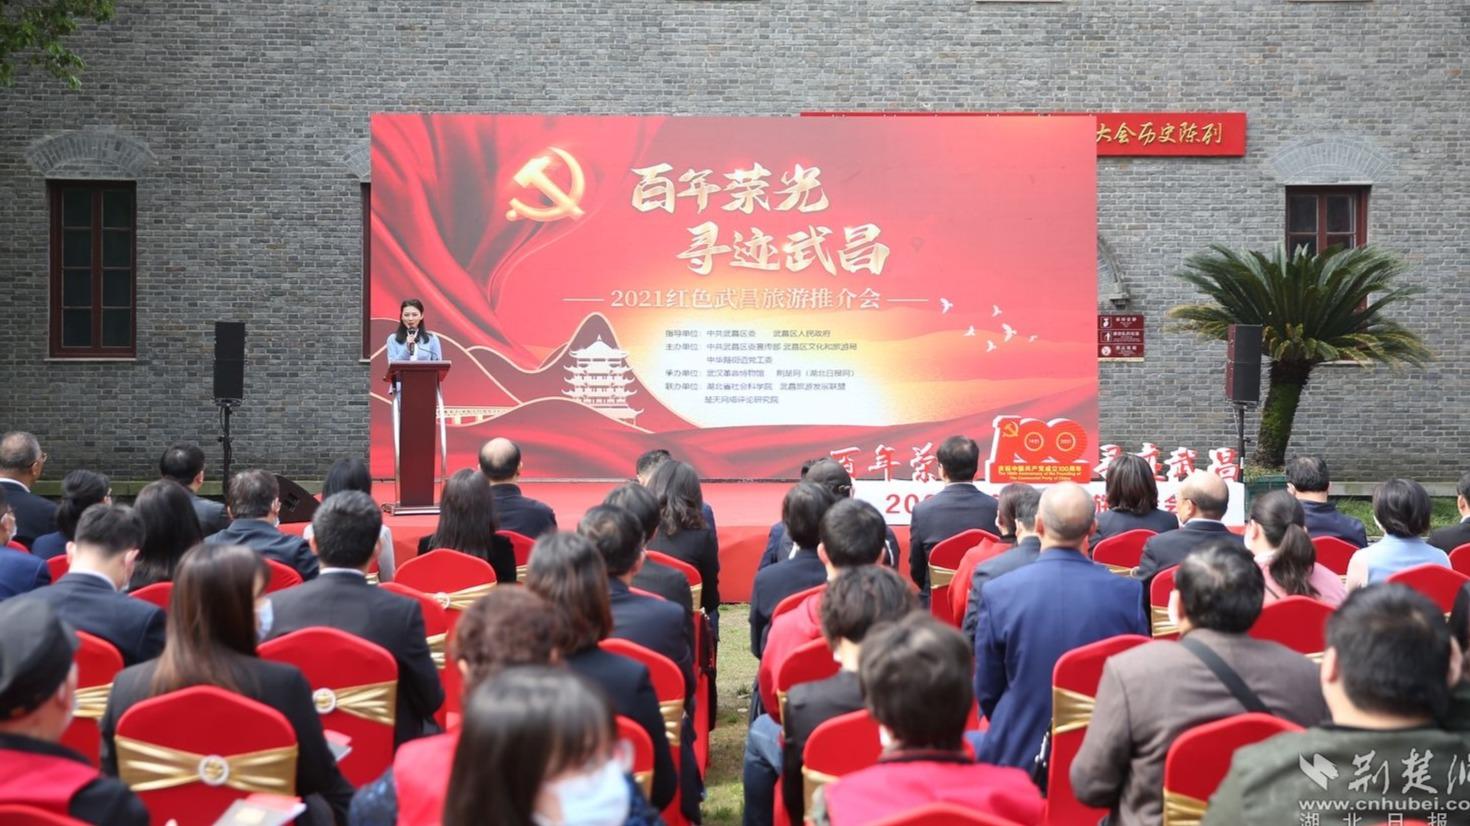 红色武昌旅游推介会举行 发布三条红色旅游线路